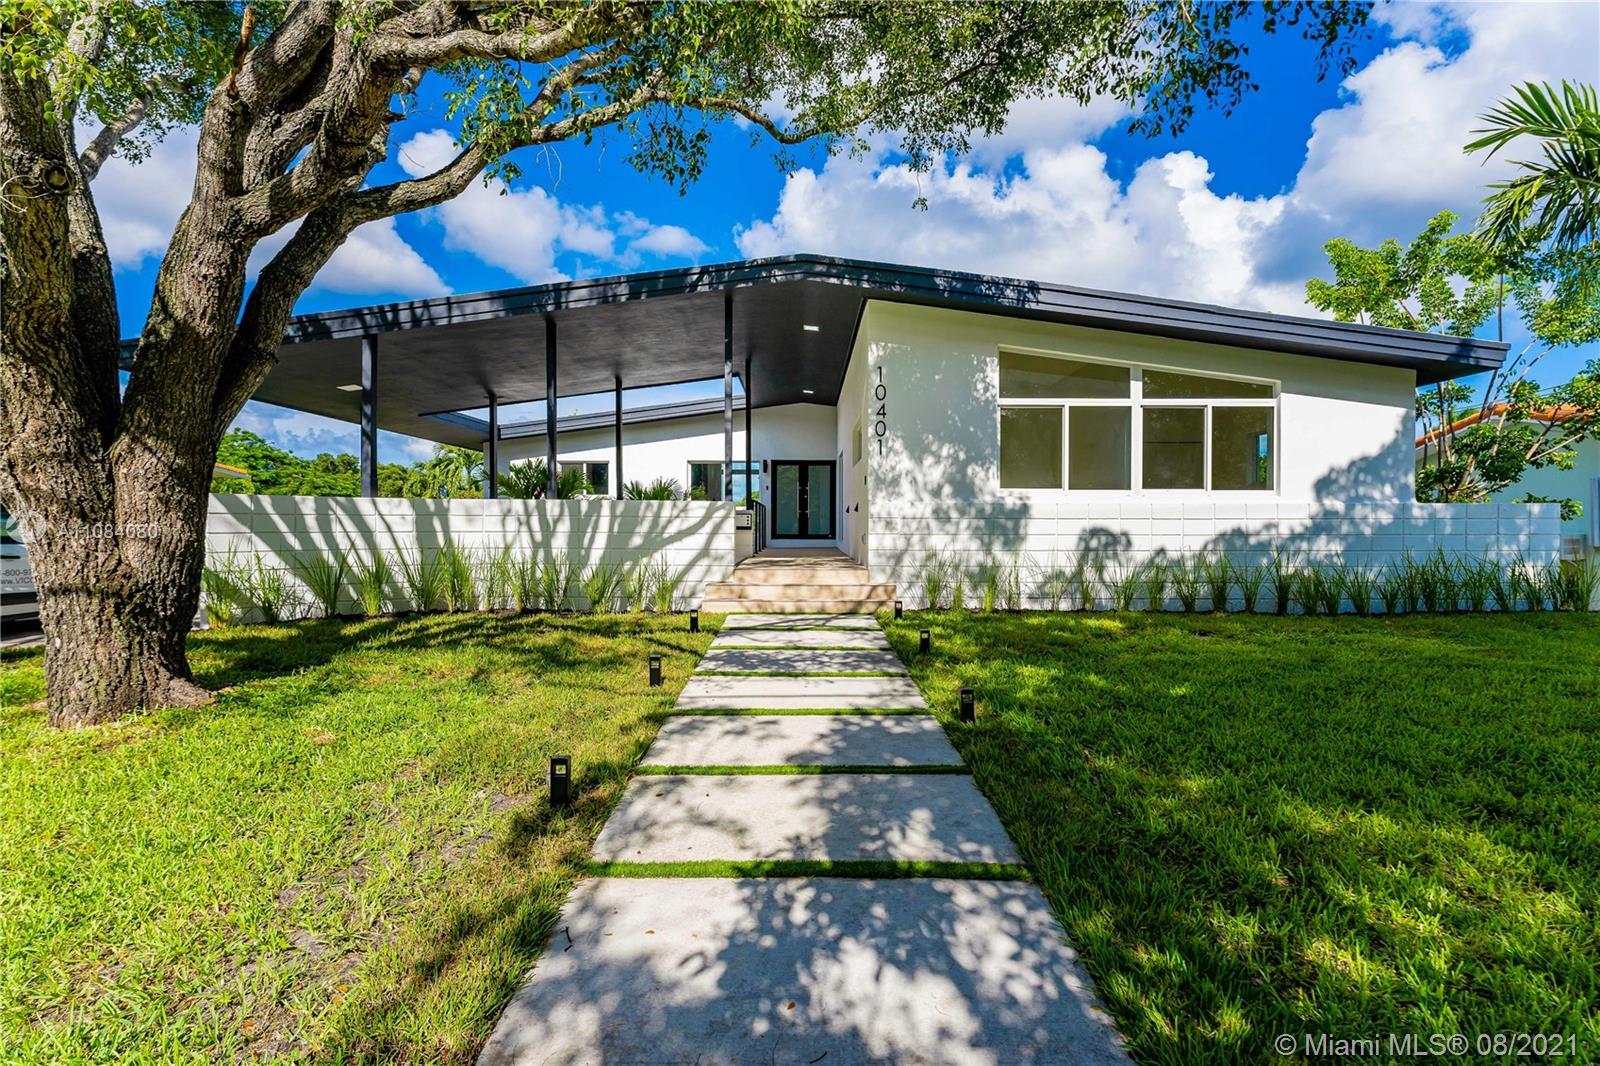 Miami Shores - 10401 NE 4th Ave, Miami Shores, FL 33138